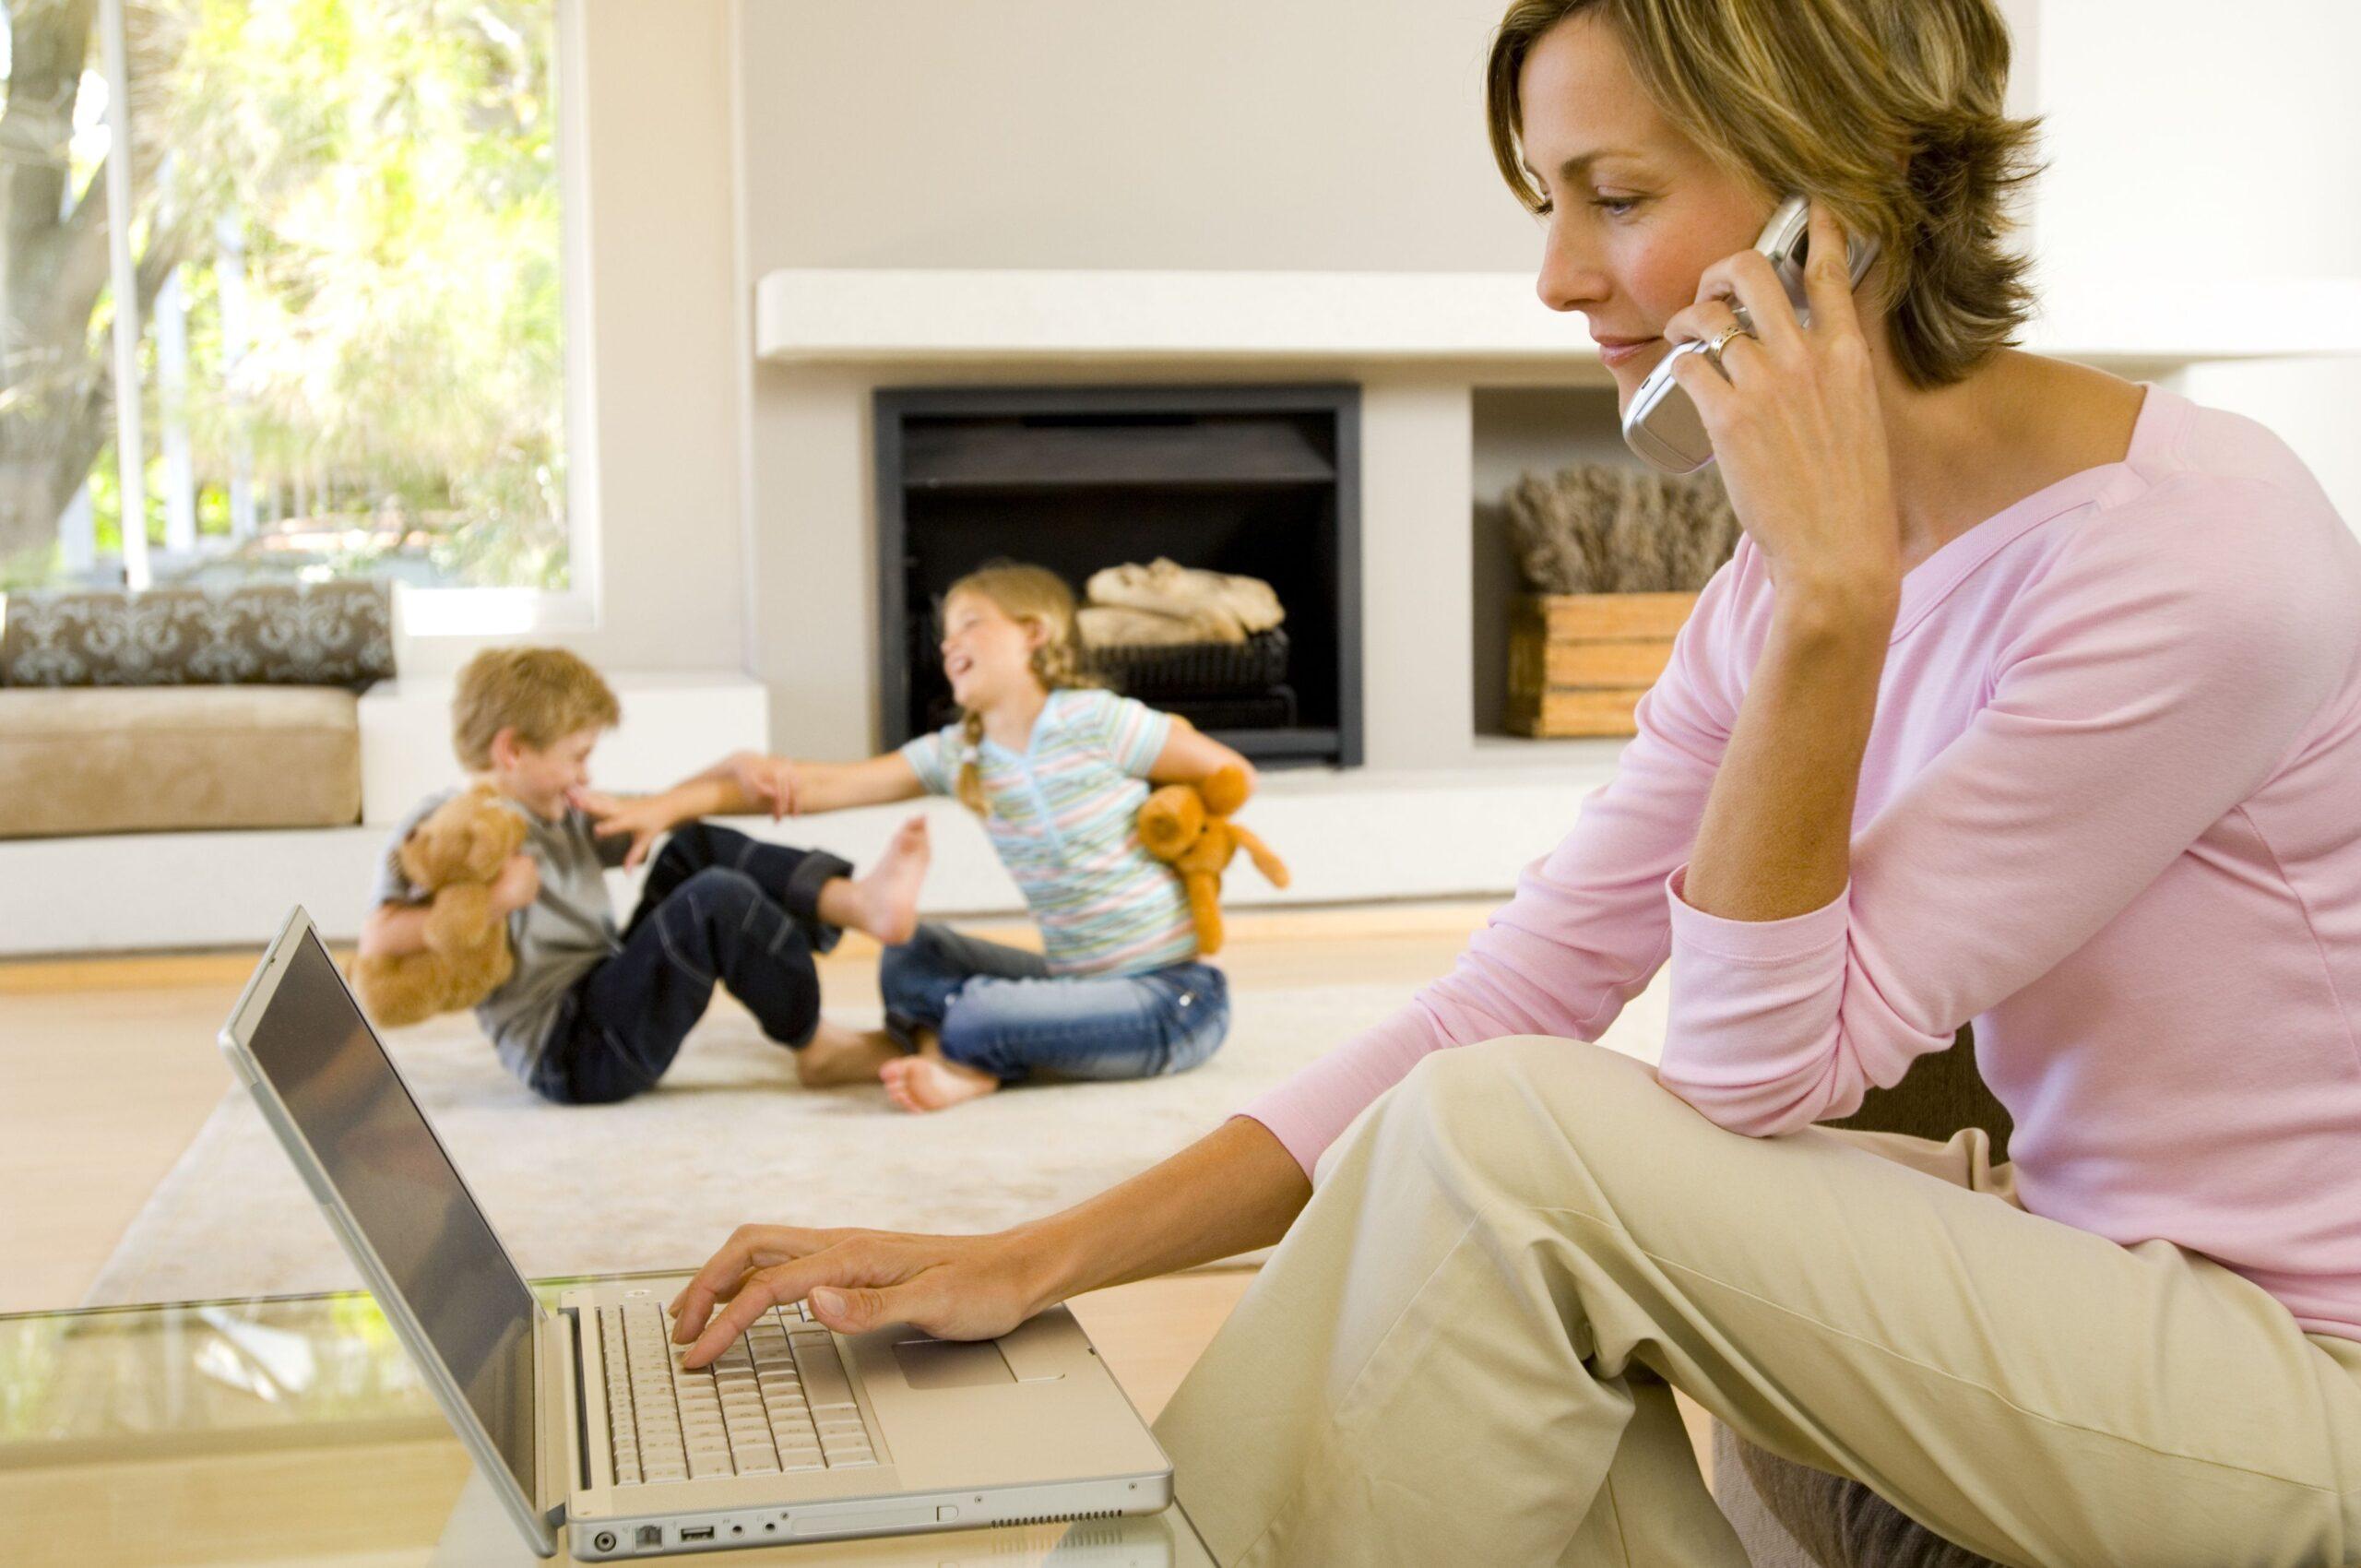 Una mamma che lavora in casa… sta lavorando